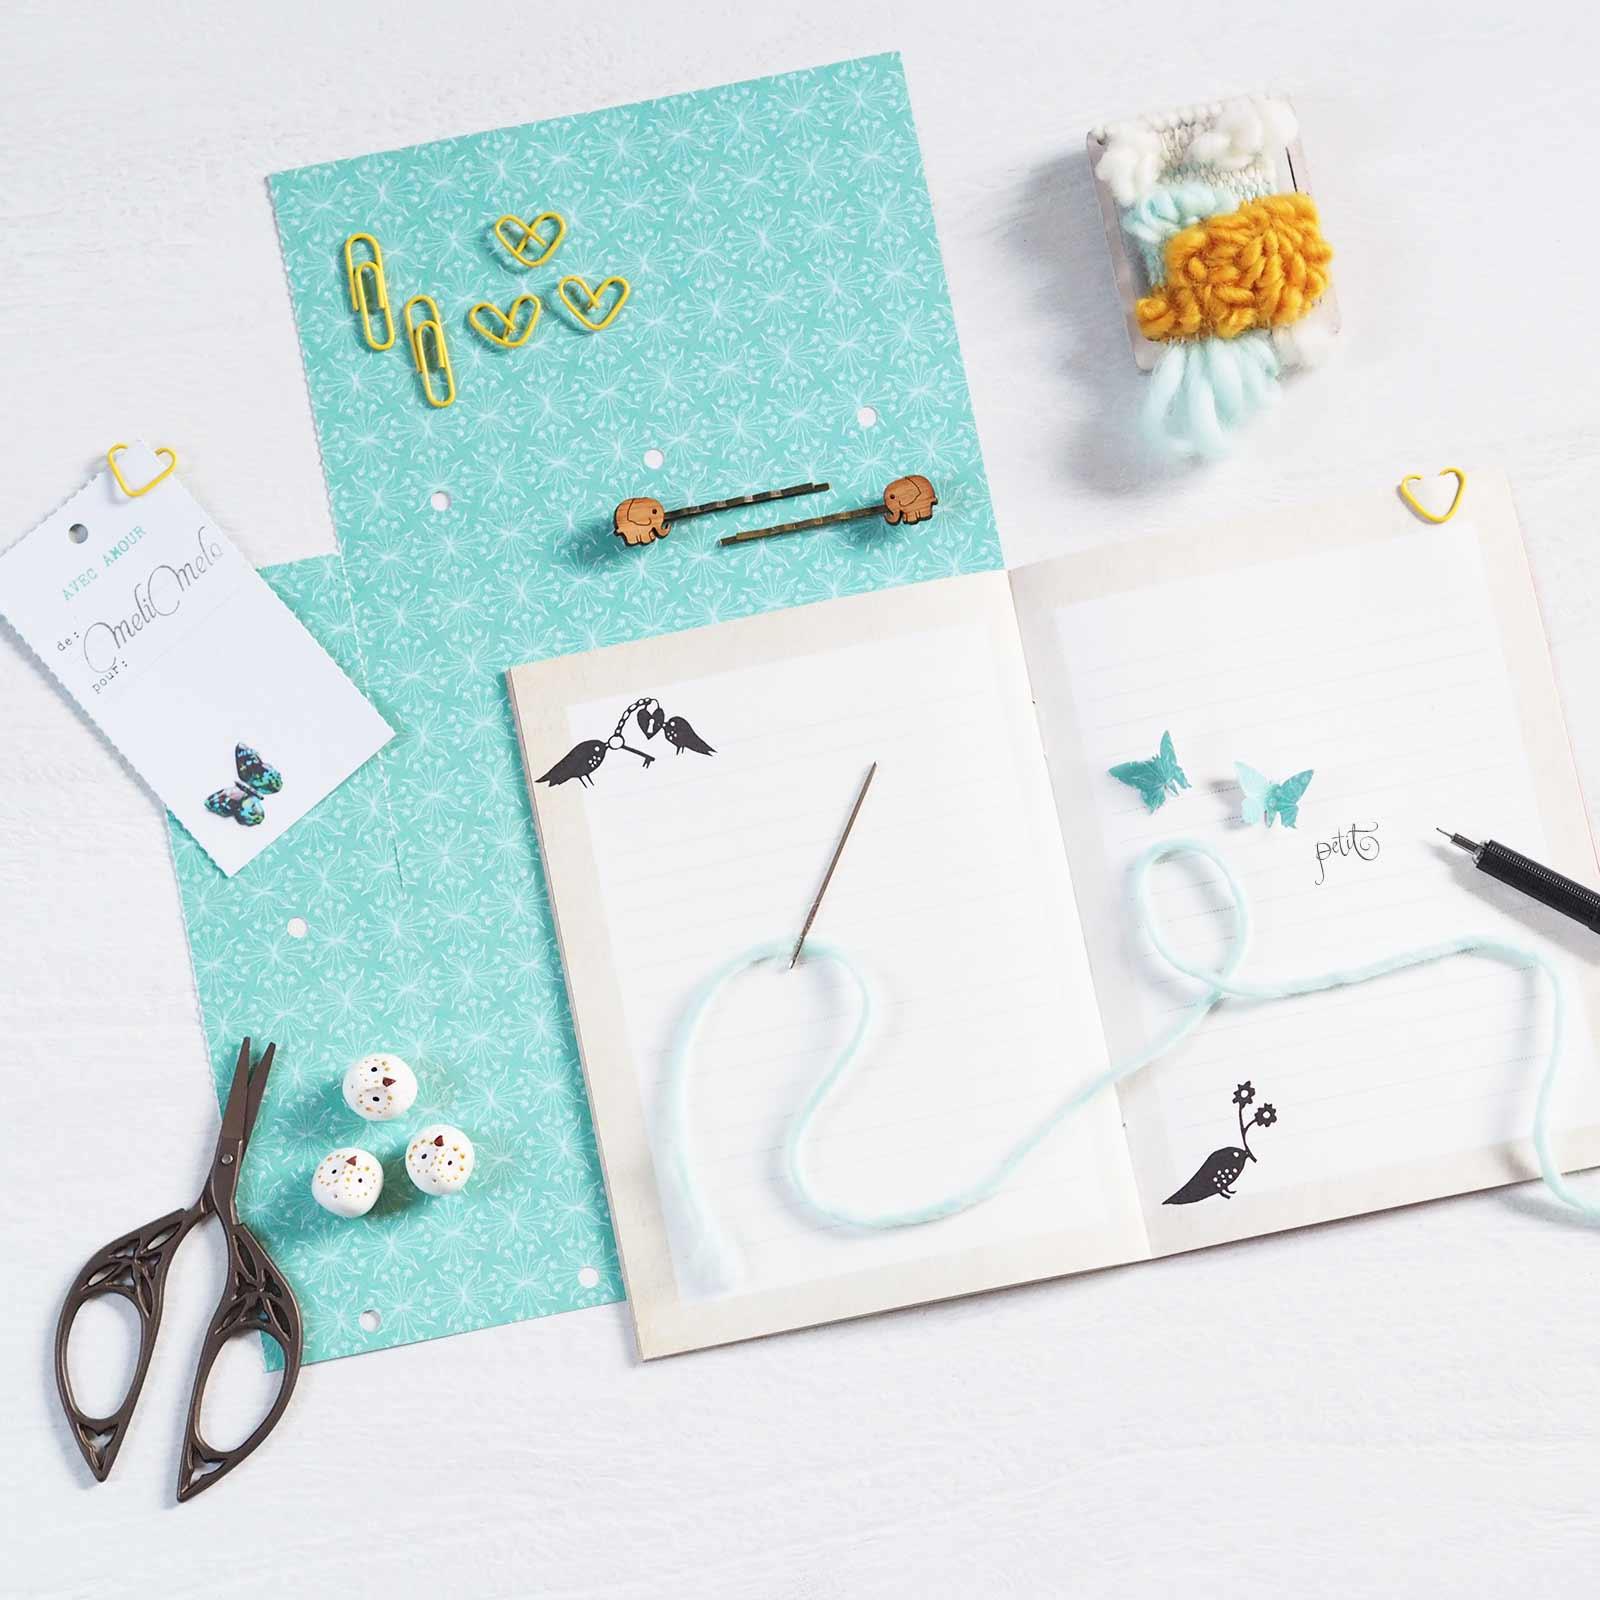 happymail bleu douceur crafts scrapbooking mini tissage laboutiquedemelimelo